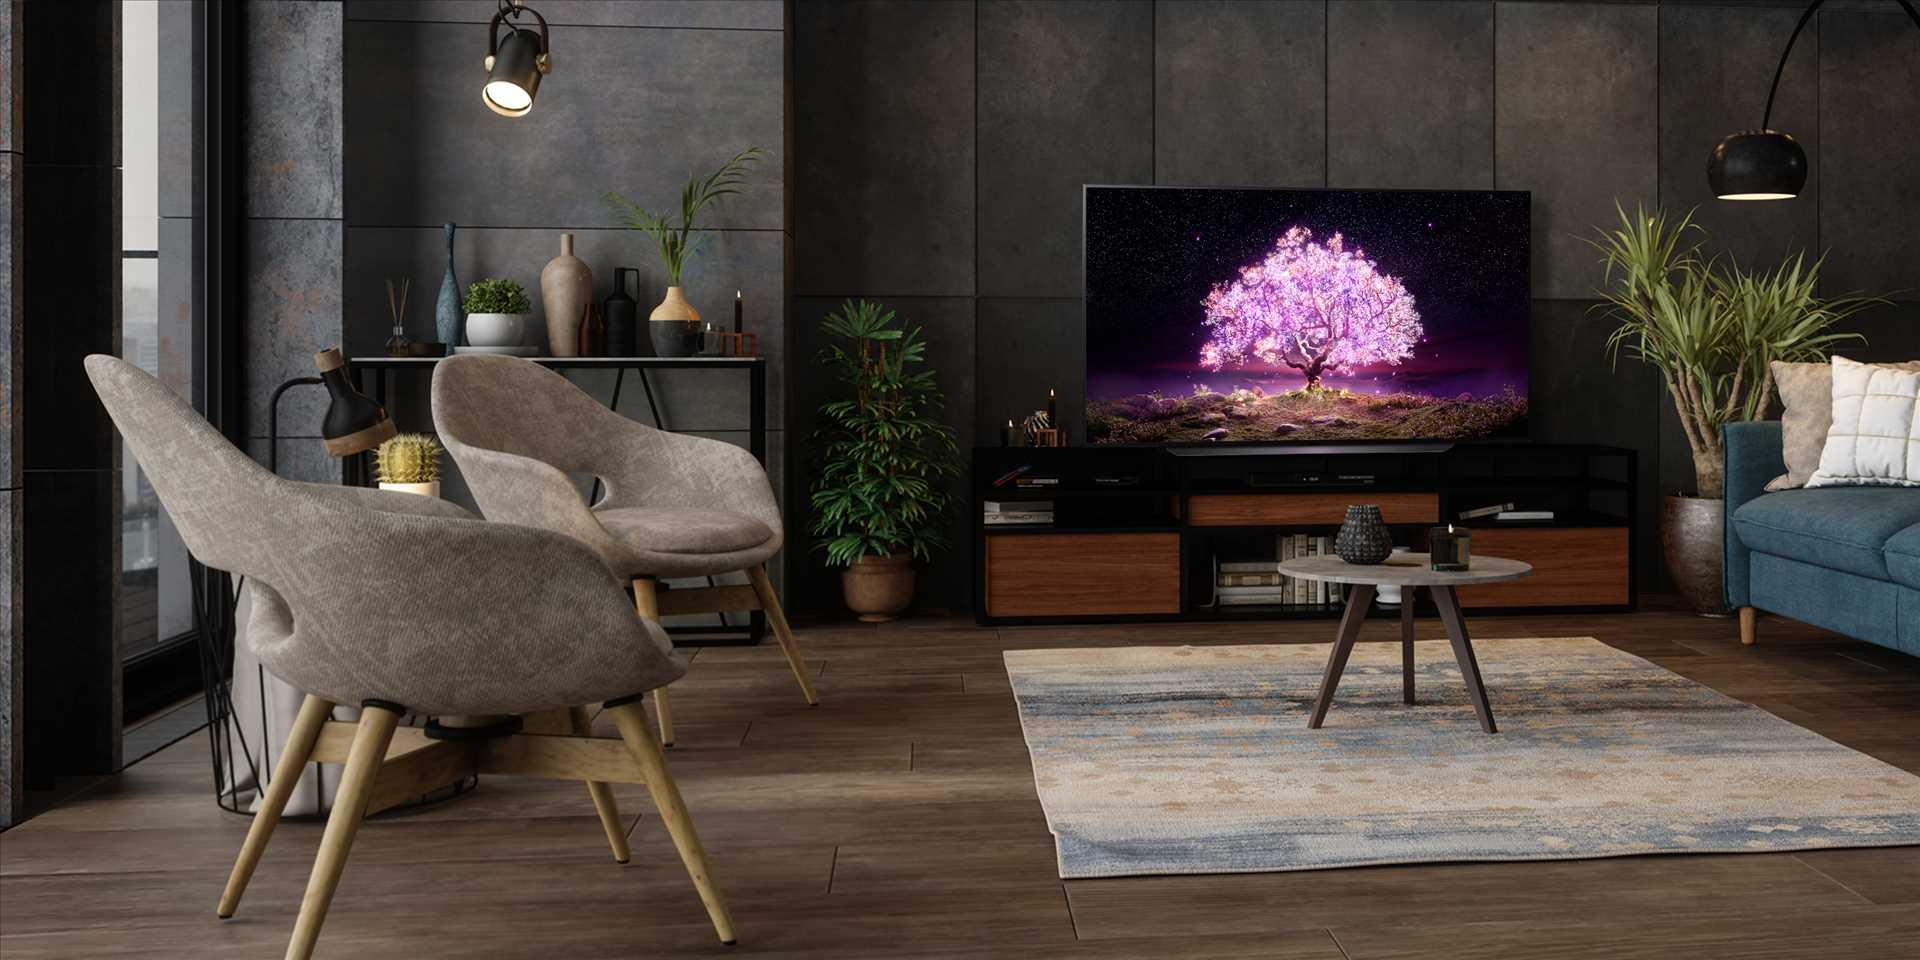 טלוויזיה 65 אינץ' דגם OLED 65C1PVA בטכנולוגיית LG OLED 4K Ultra HD אל ג'י - תמונה 11